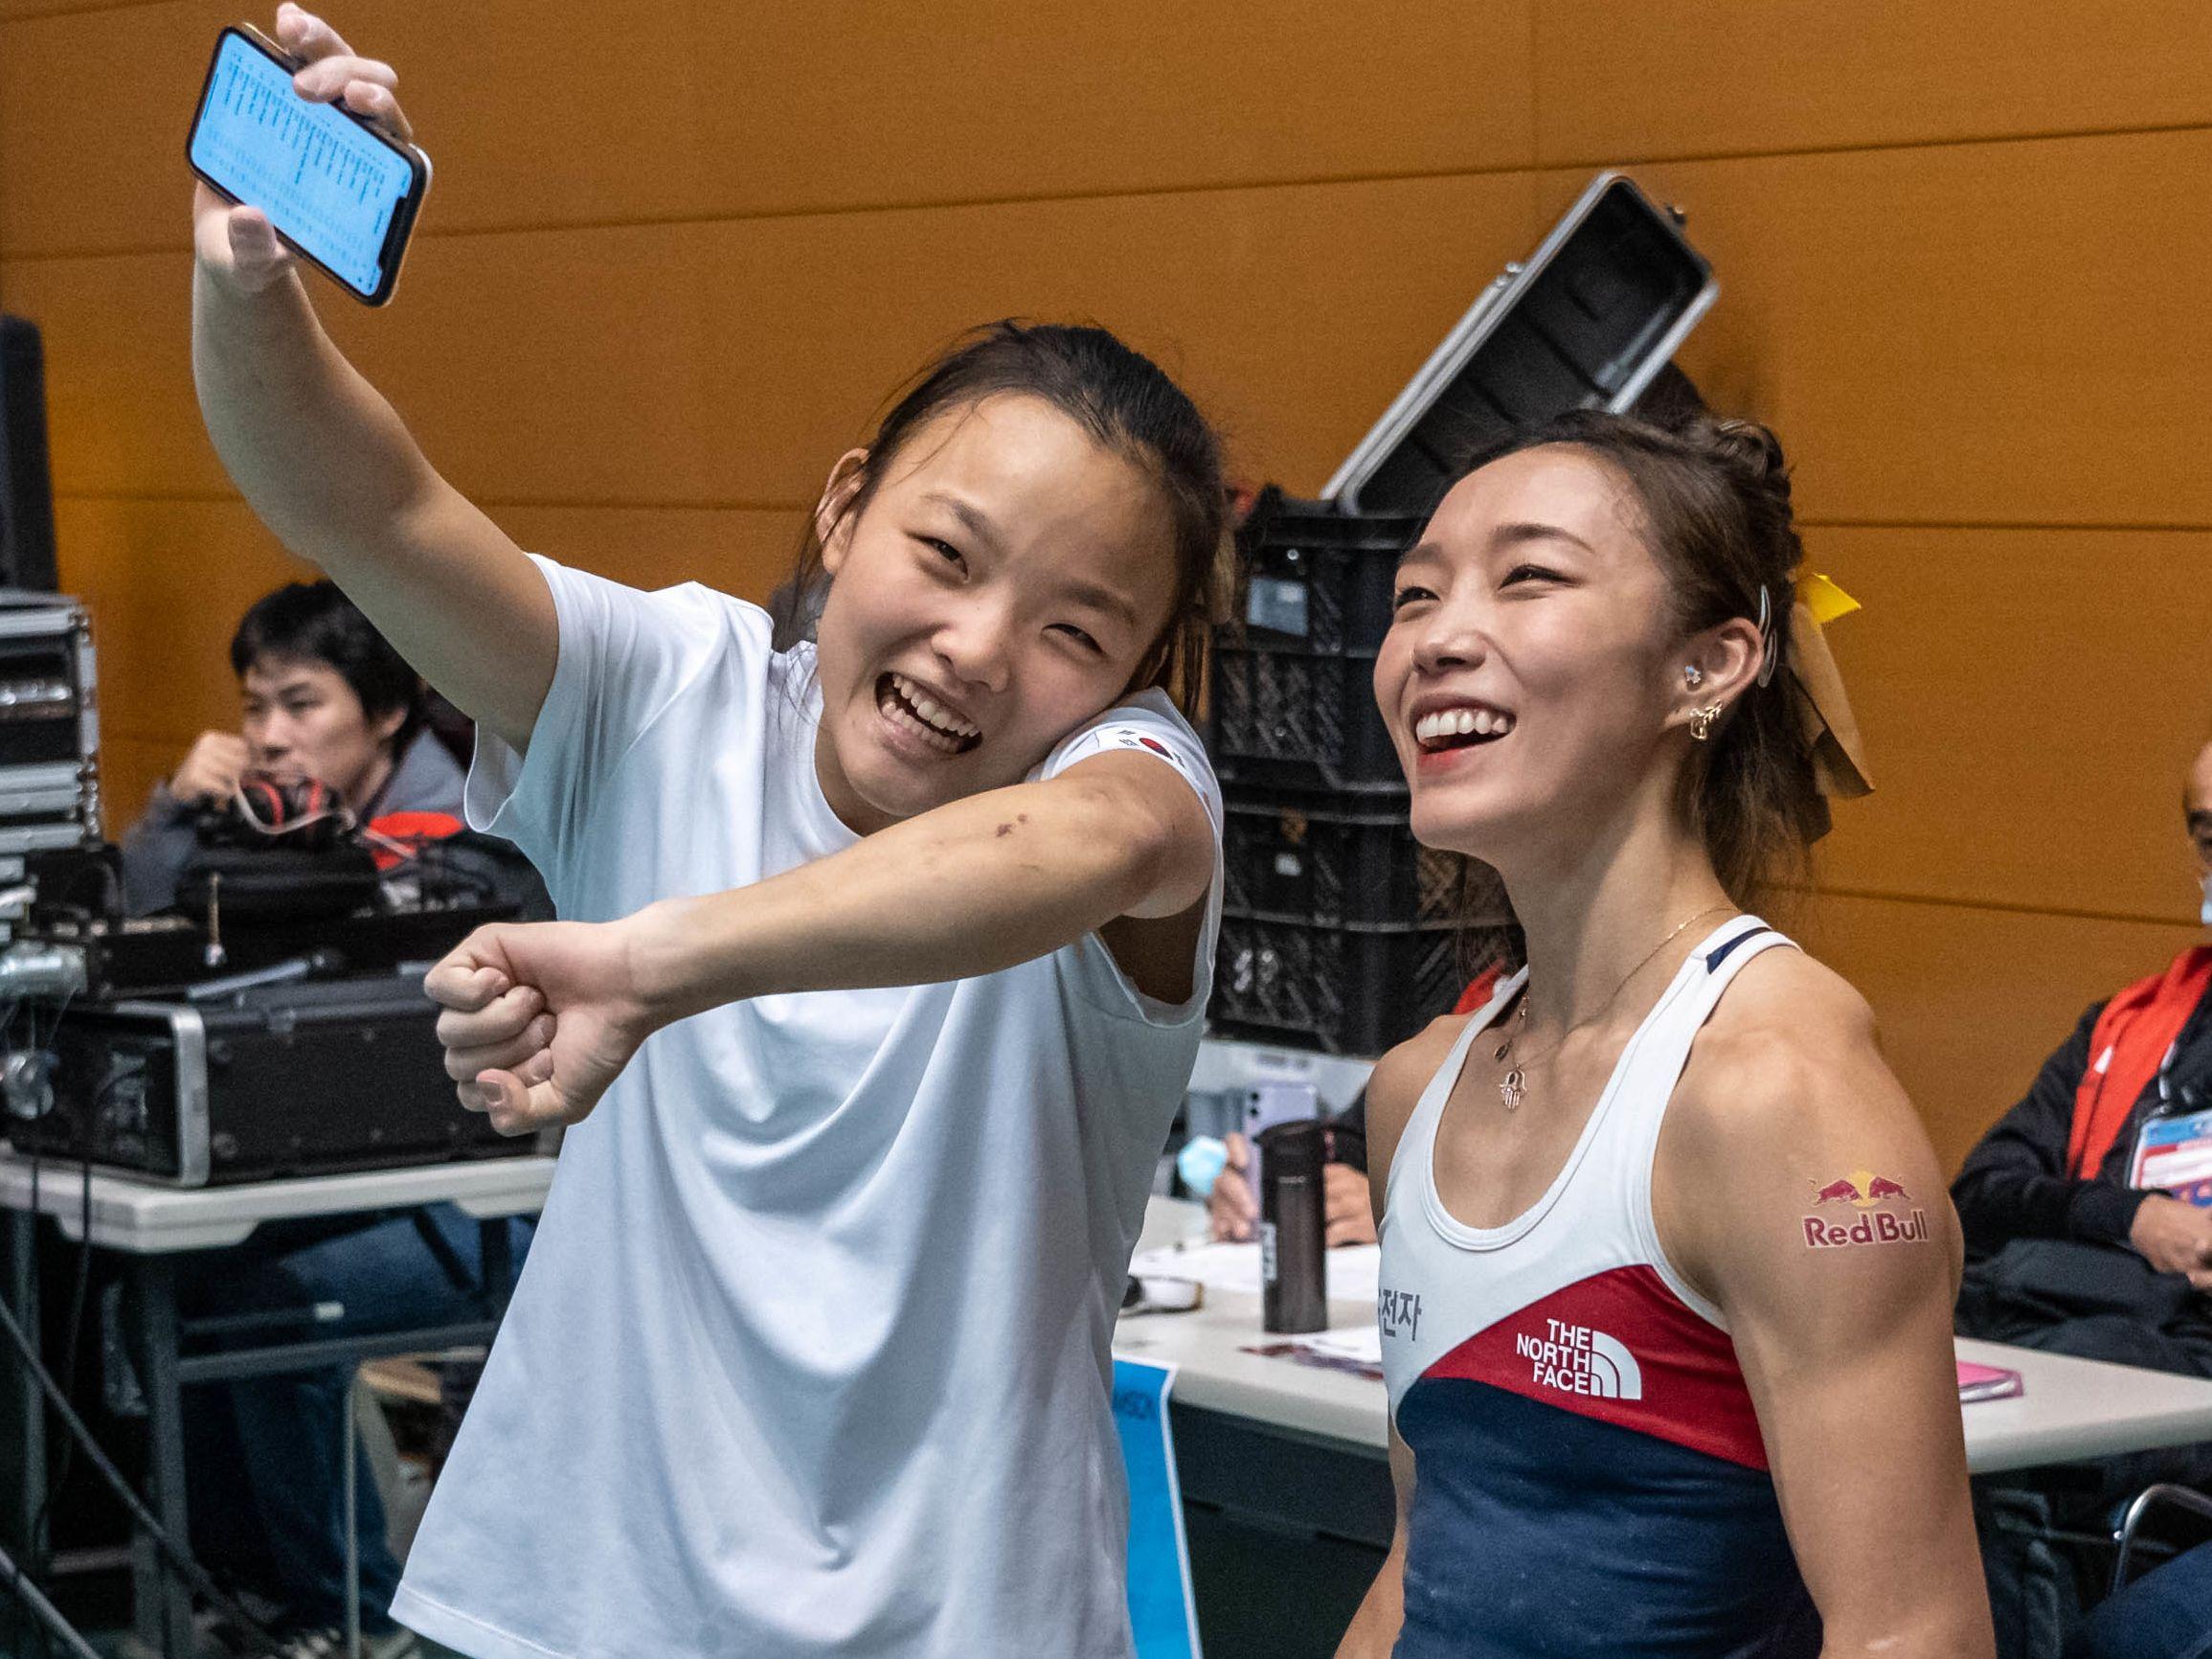 Zwei Generationen: Die Südkoreanerinnen Chaehyun Seo und Siegerin Jain Kim.